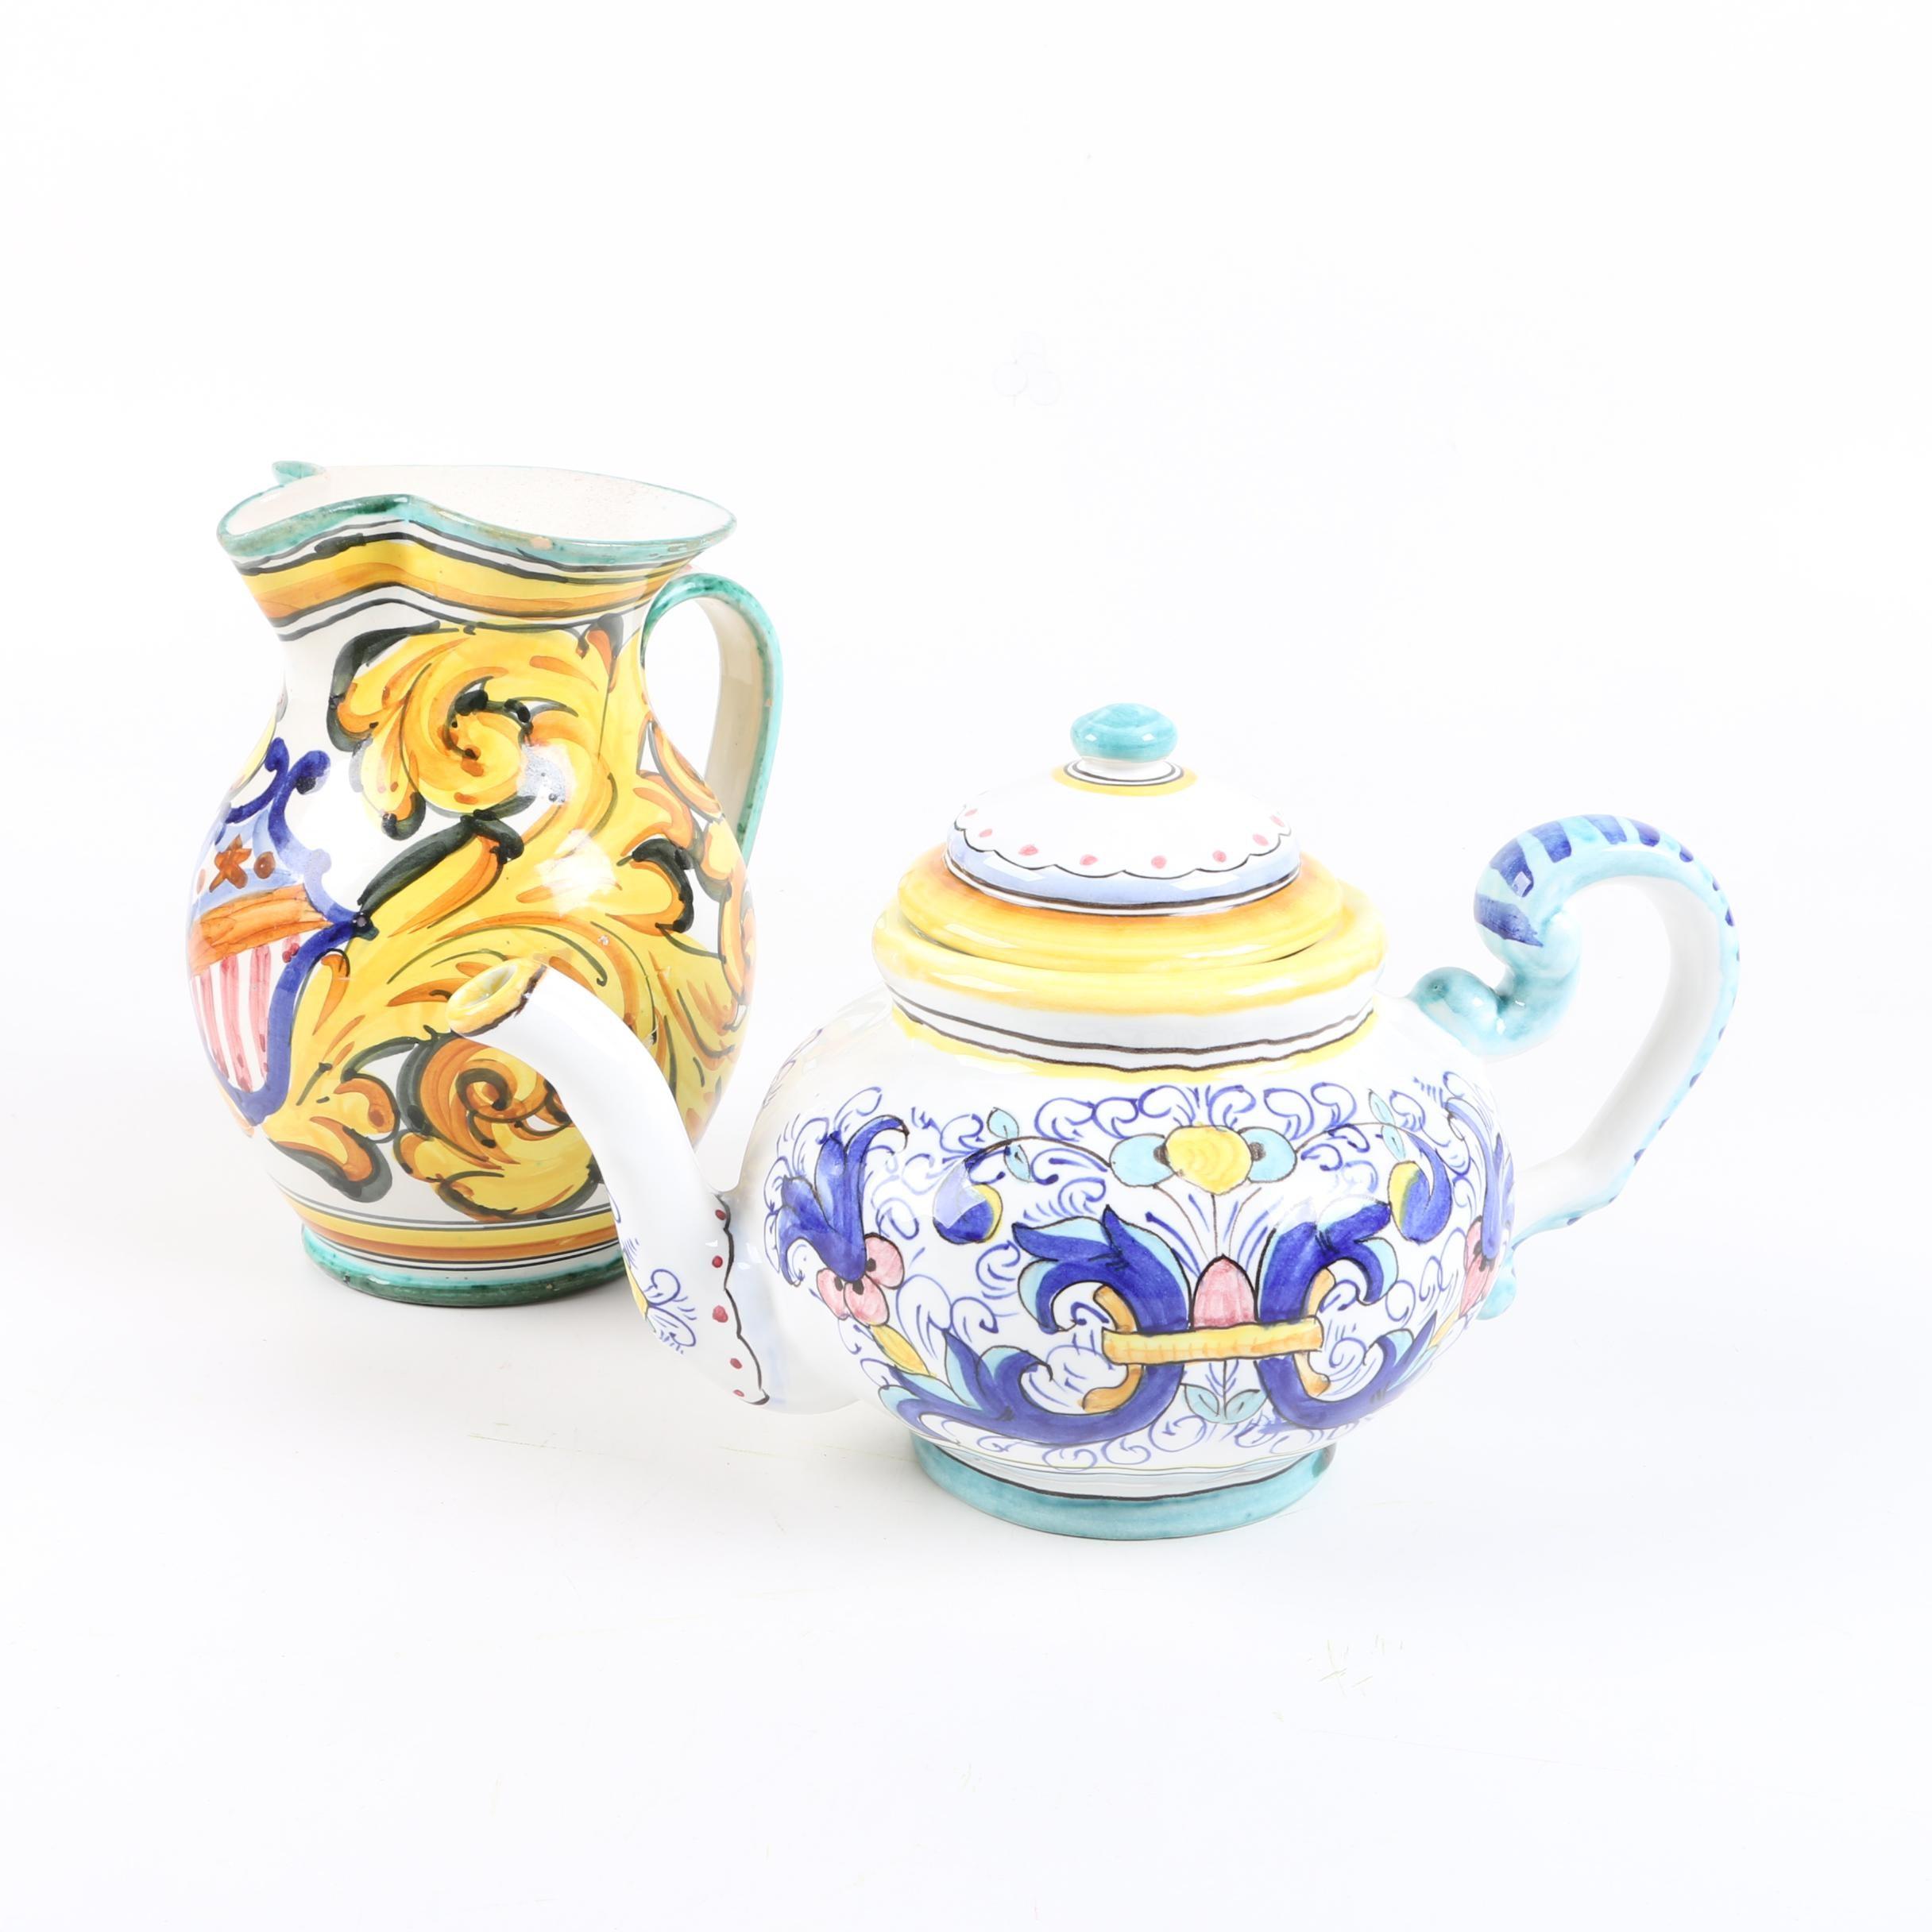 Italian Faïence Cermaics including a Sur La Table Teapot